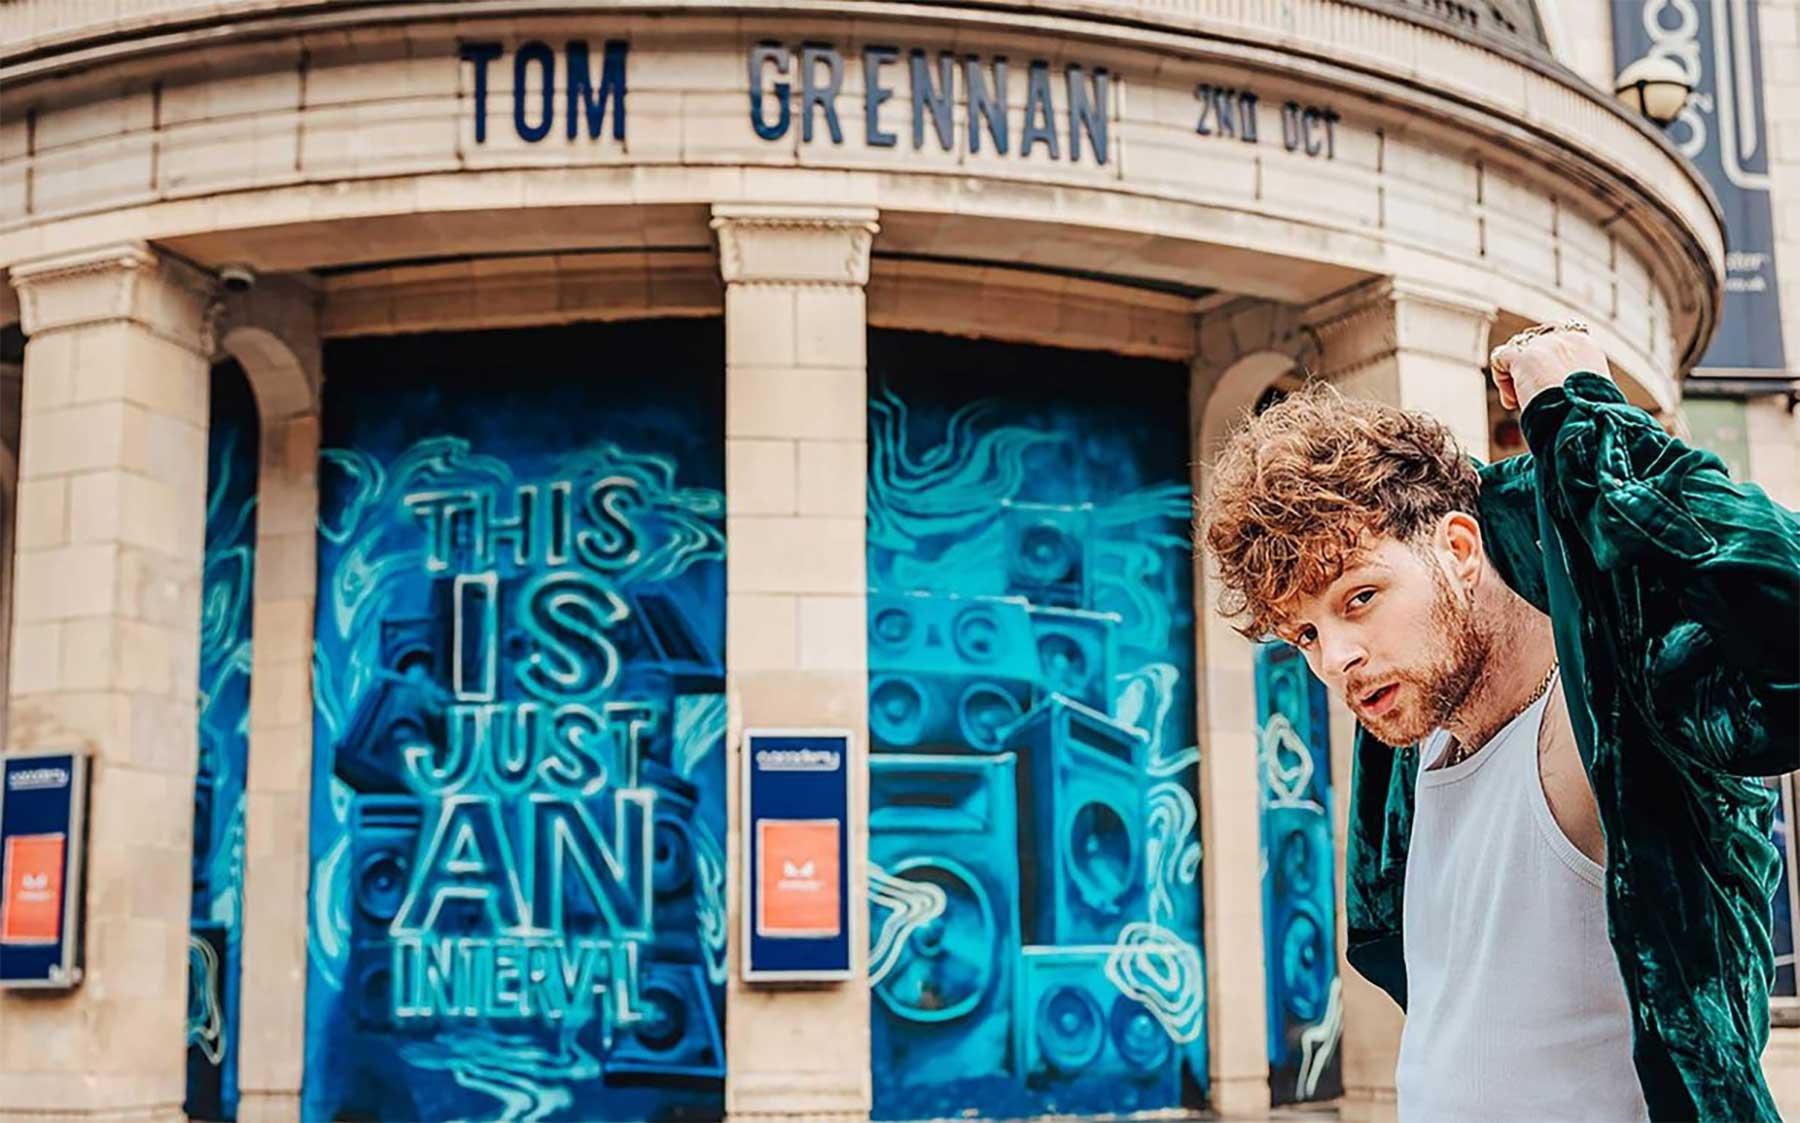 Gewinnspiel: 5x Online-Meet&Greet + Konzert mit Tom Grennan